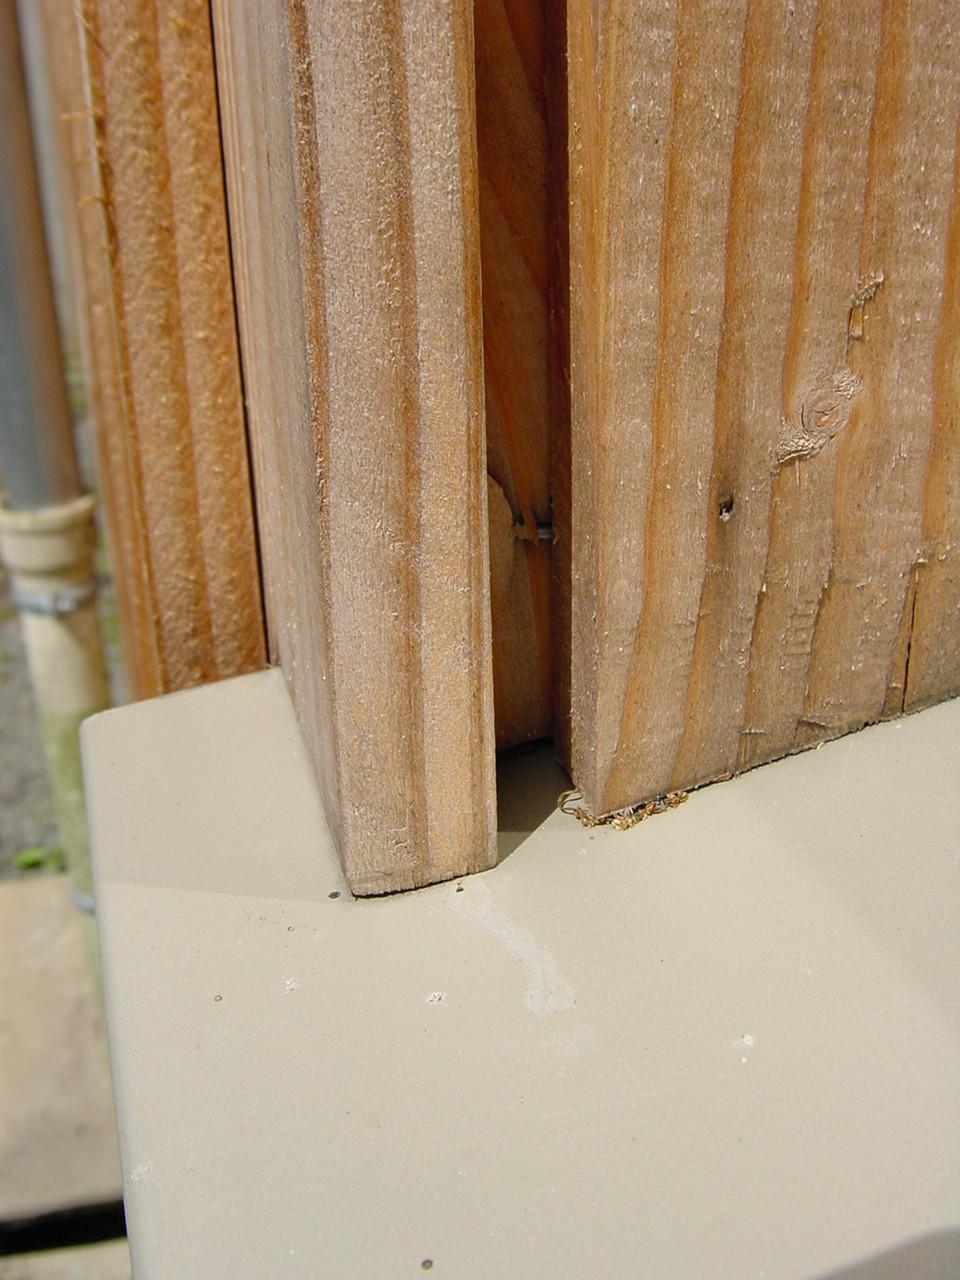 Angle en appui sur bavette : rétention d'eau par capillarité (1)